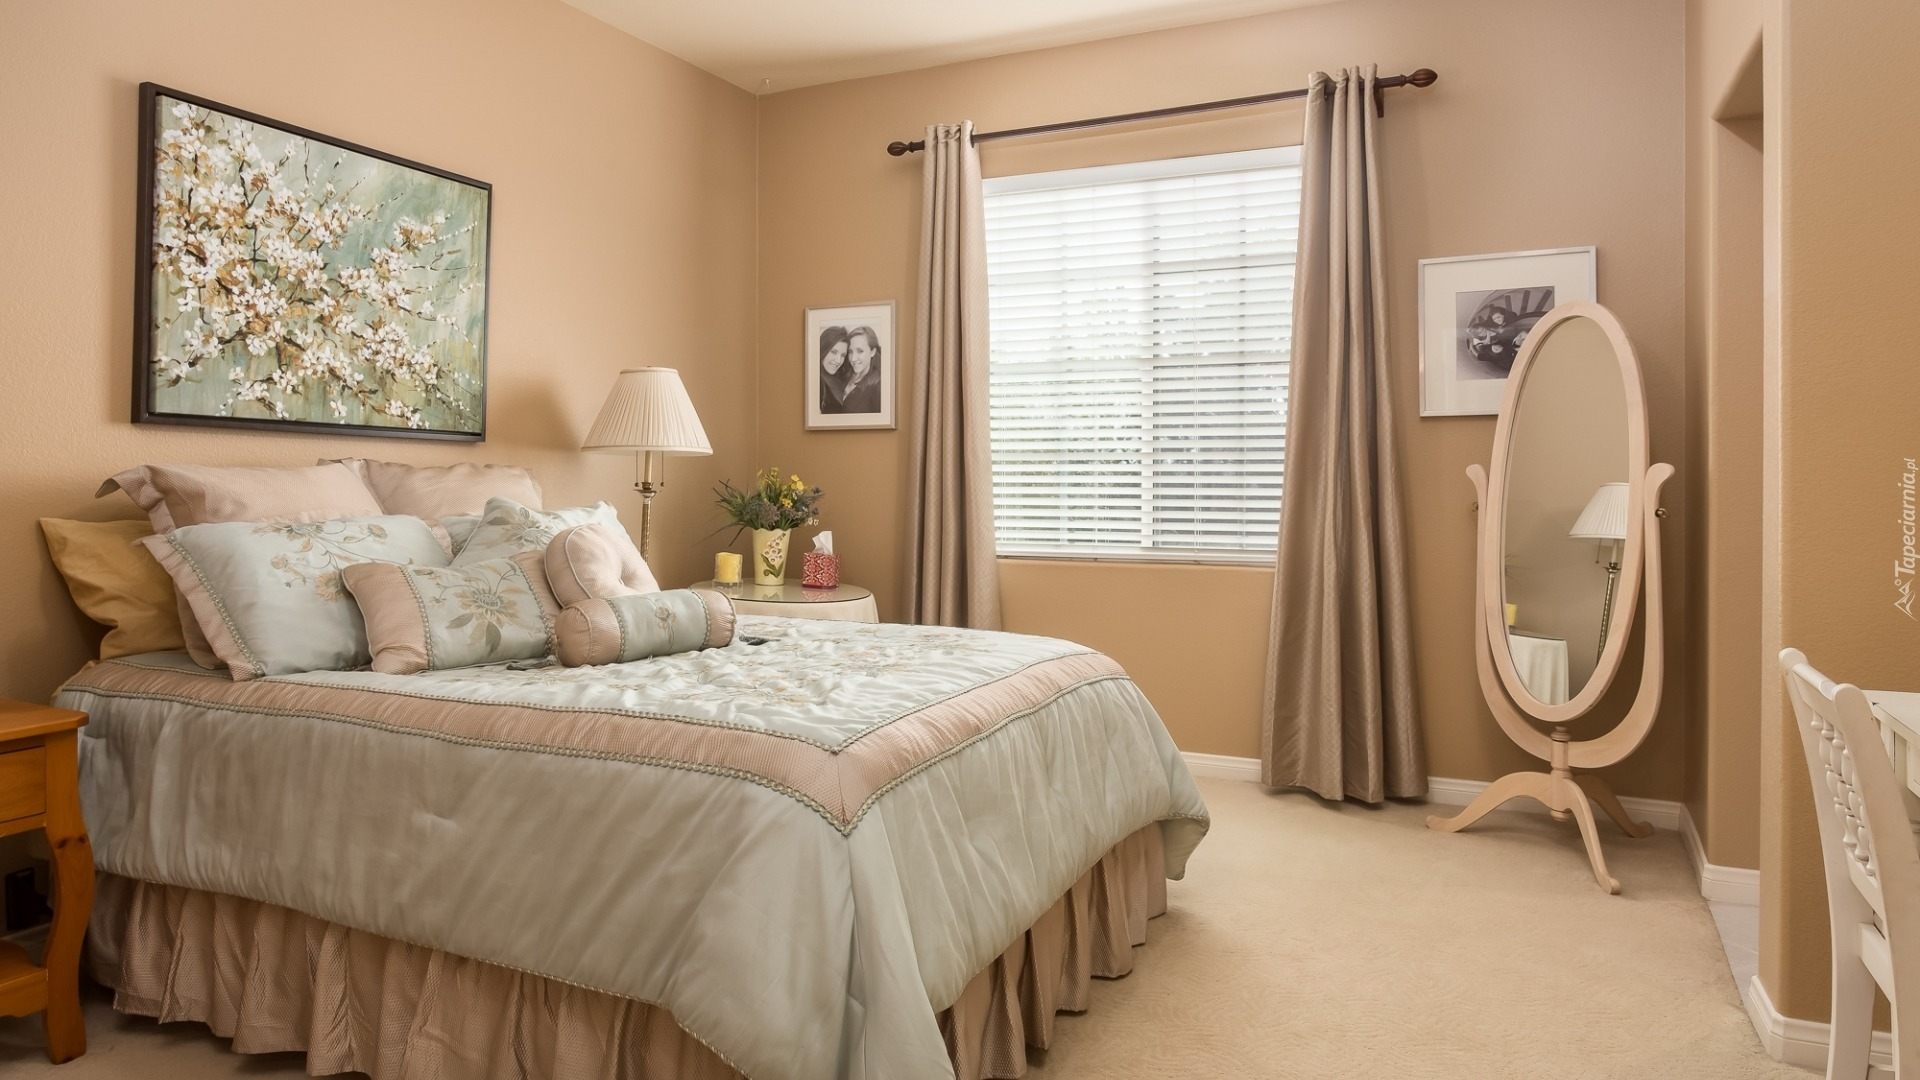 Wnętrze Sypialni Z łóżkiem I Dużym Lustrem